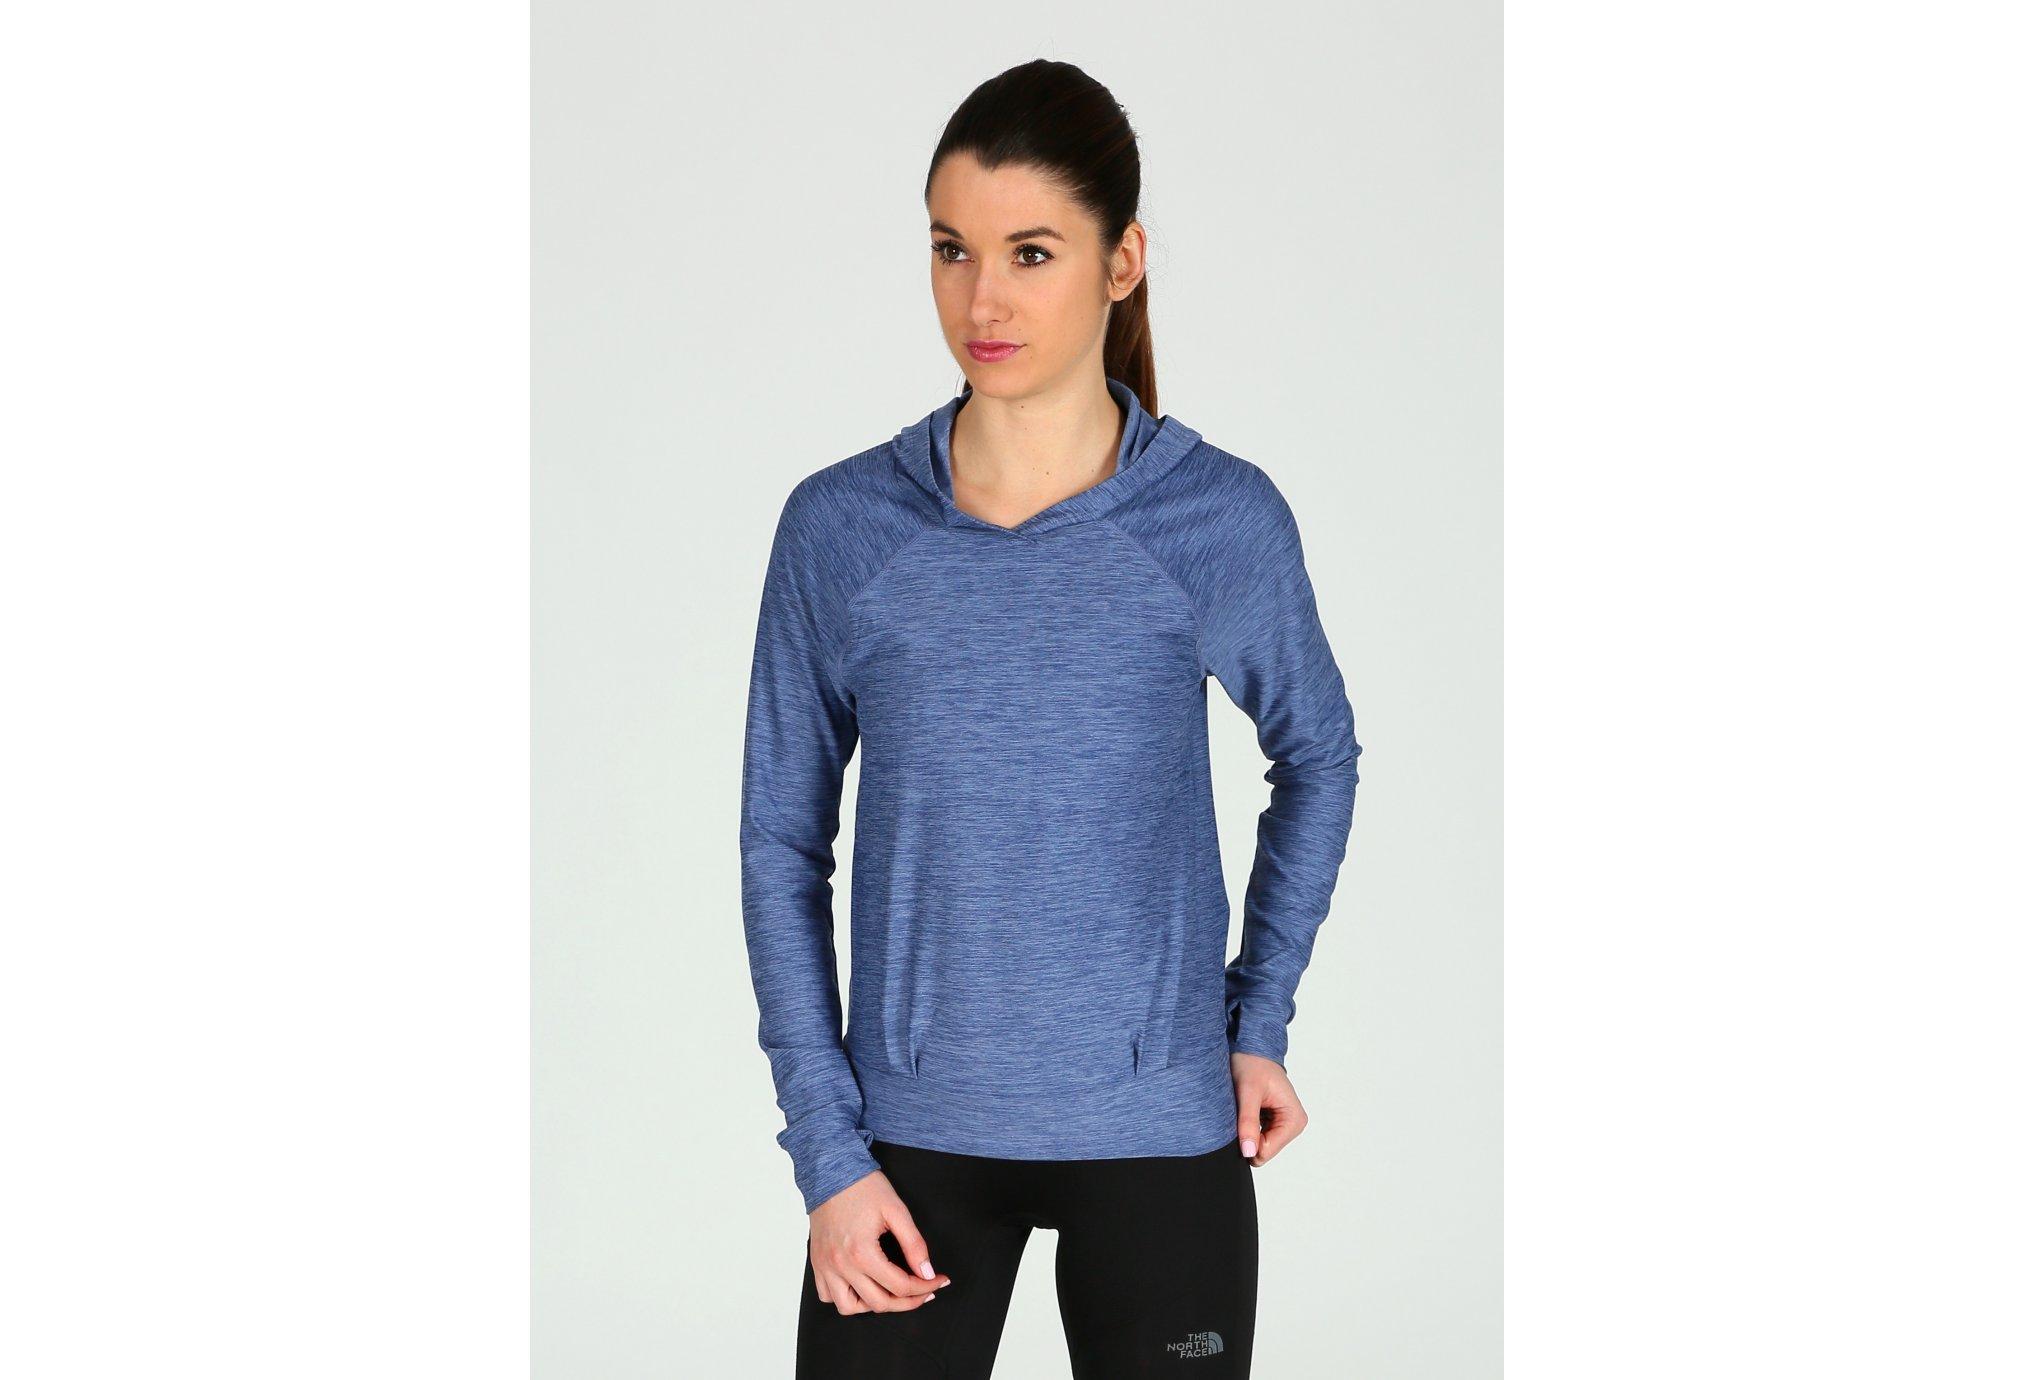 The North Face Motivation Classic W Diététique Vêtements femme